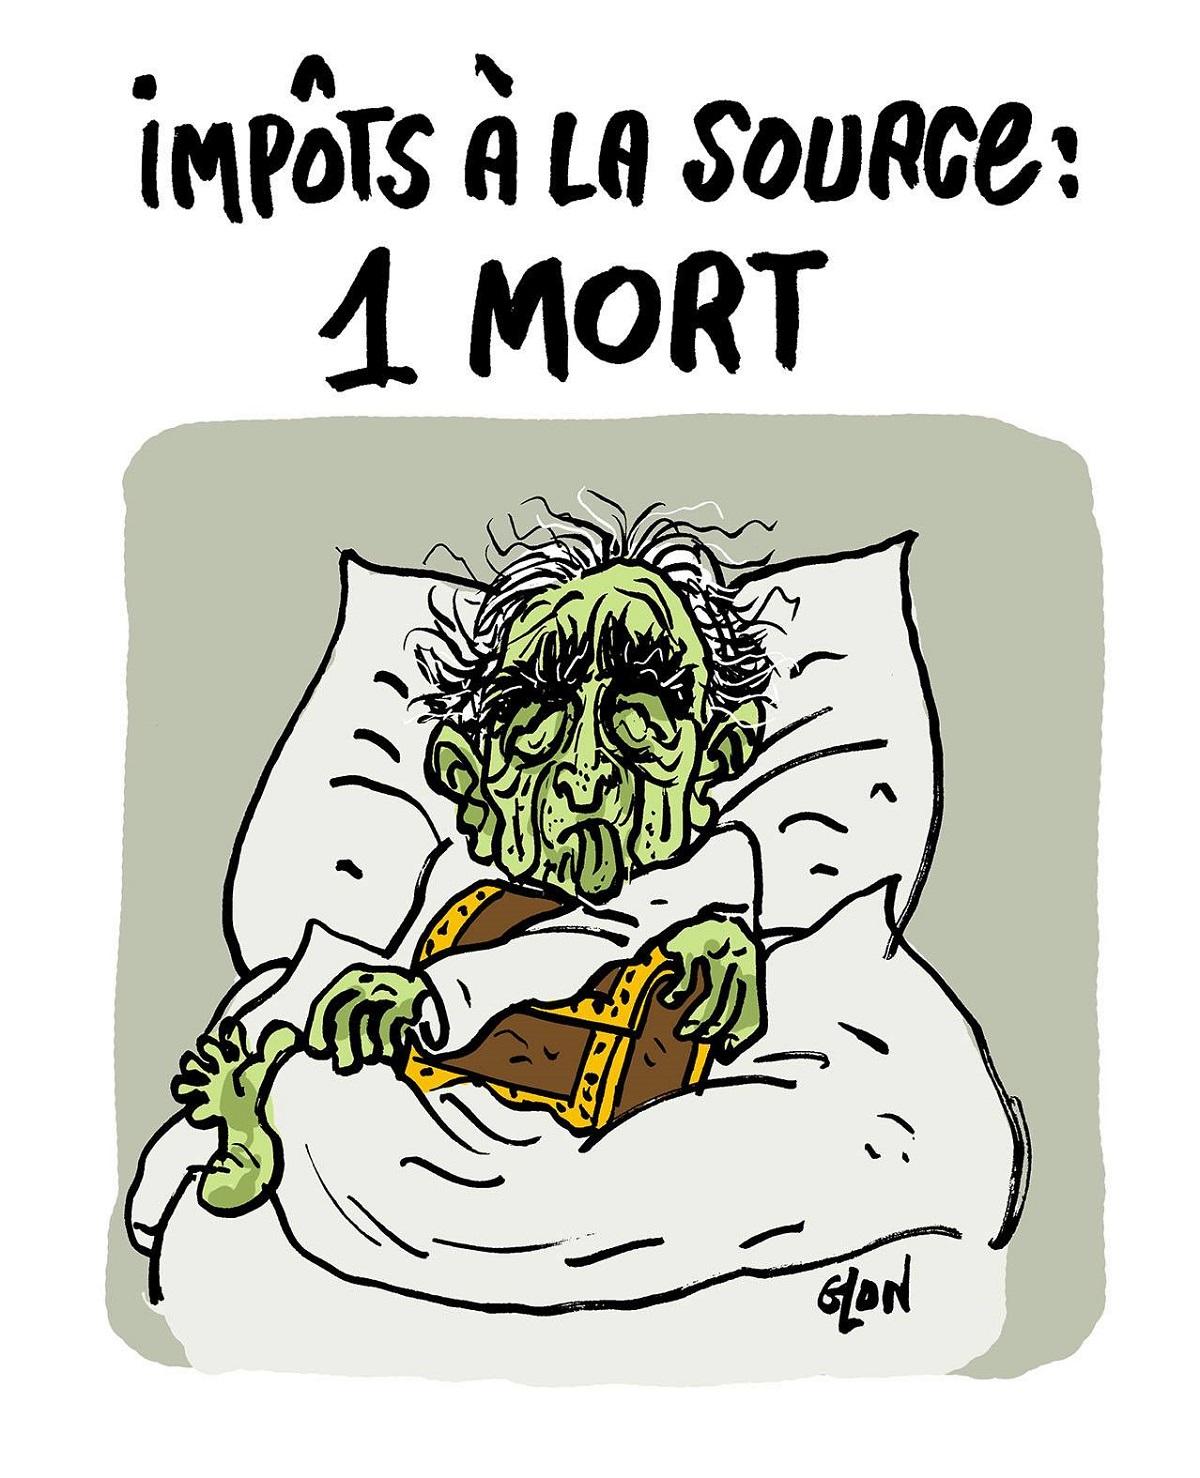 dessin d'actualité humoristique sur la disparition de Charles Aznavour